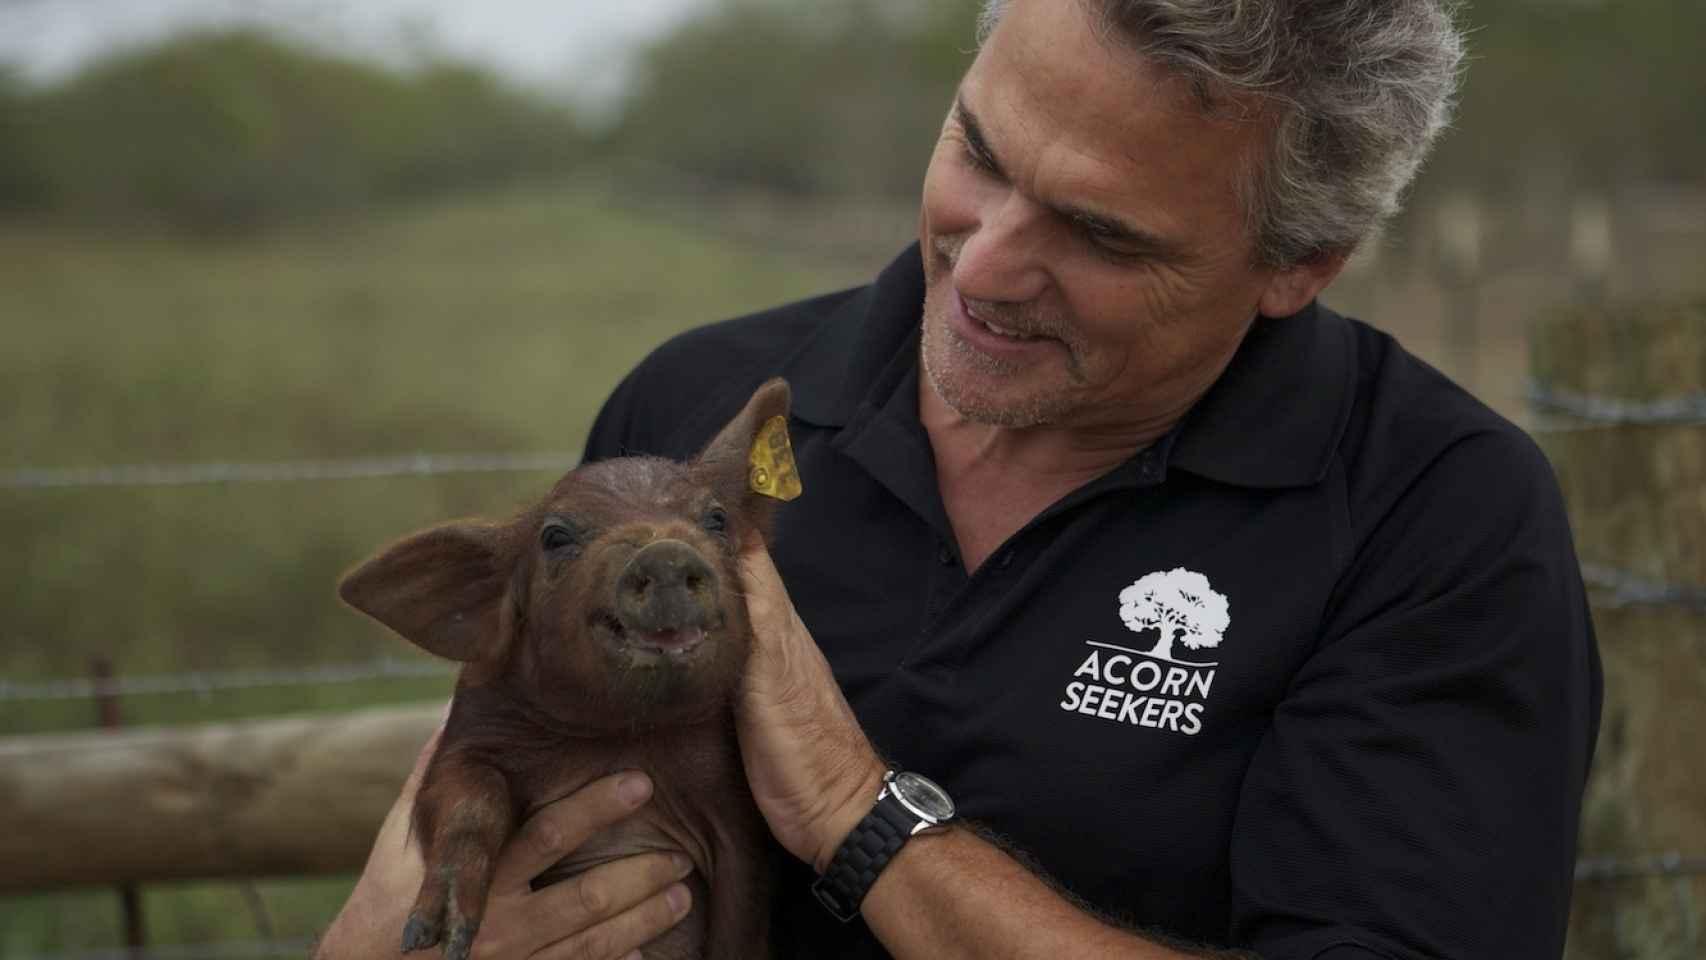 Manuel y Sergio (imagen) han creado Acornseeker, una empresa en Texas que produce jamón ibérico.